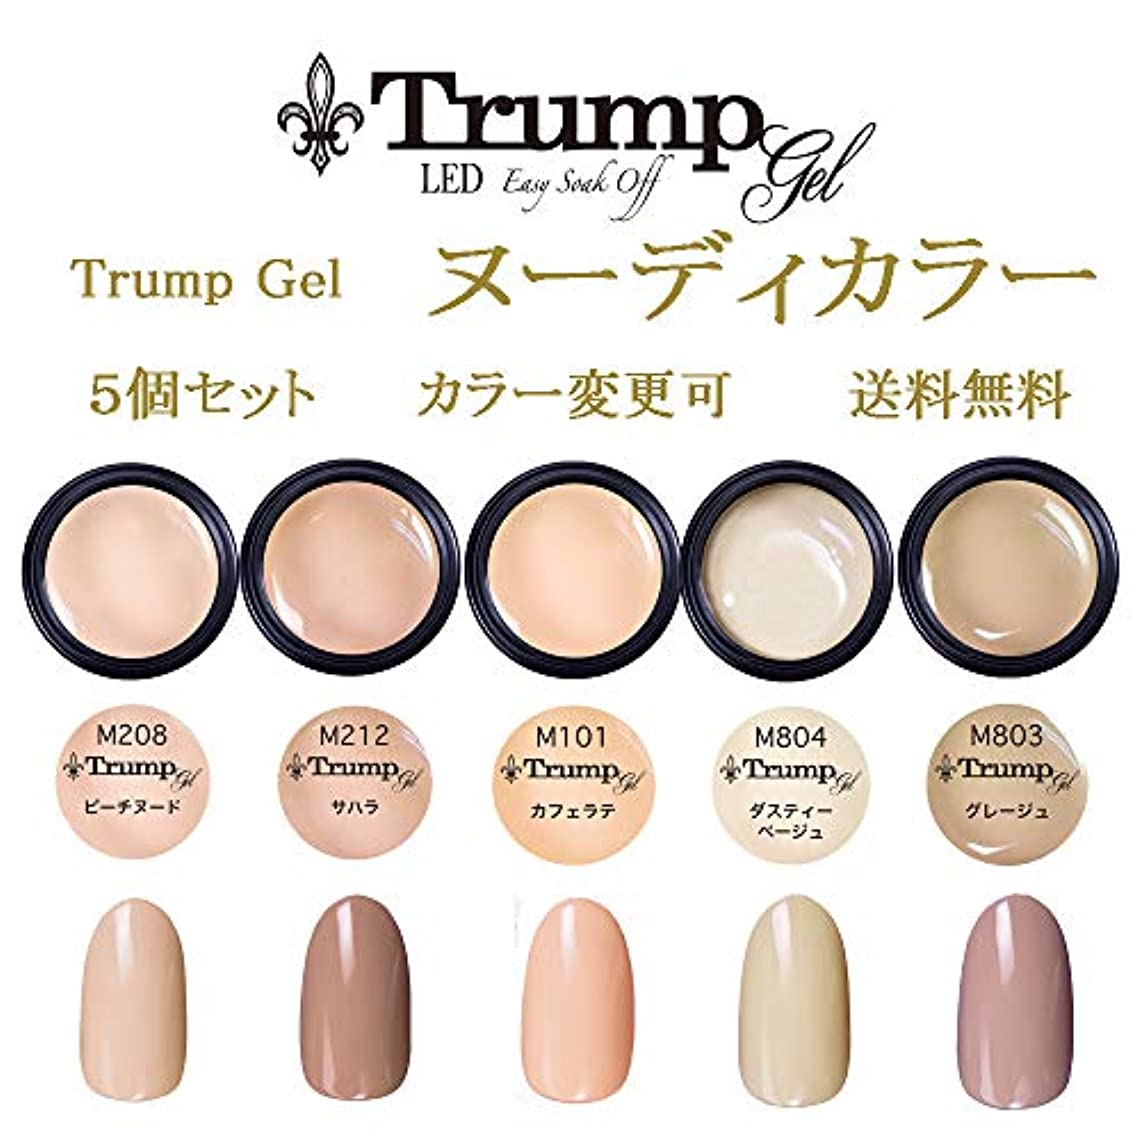 努力悪化させる化石日本製 Trump gel トランプジェル ヌーディカラー 選べる カラージェル 5個セット ベージュ ブラウン ピンク